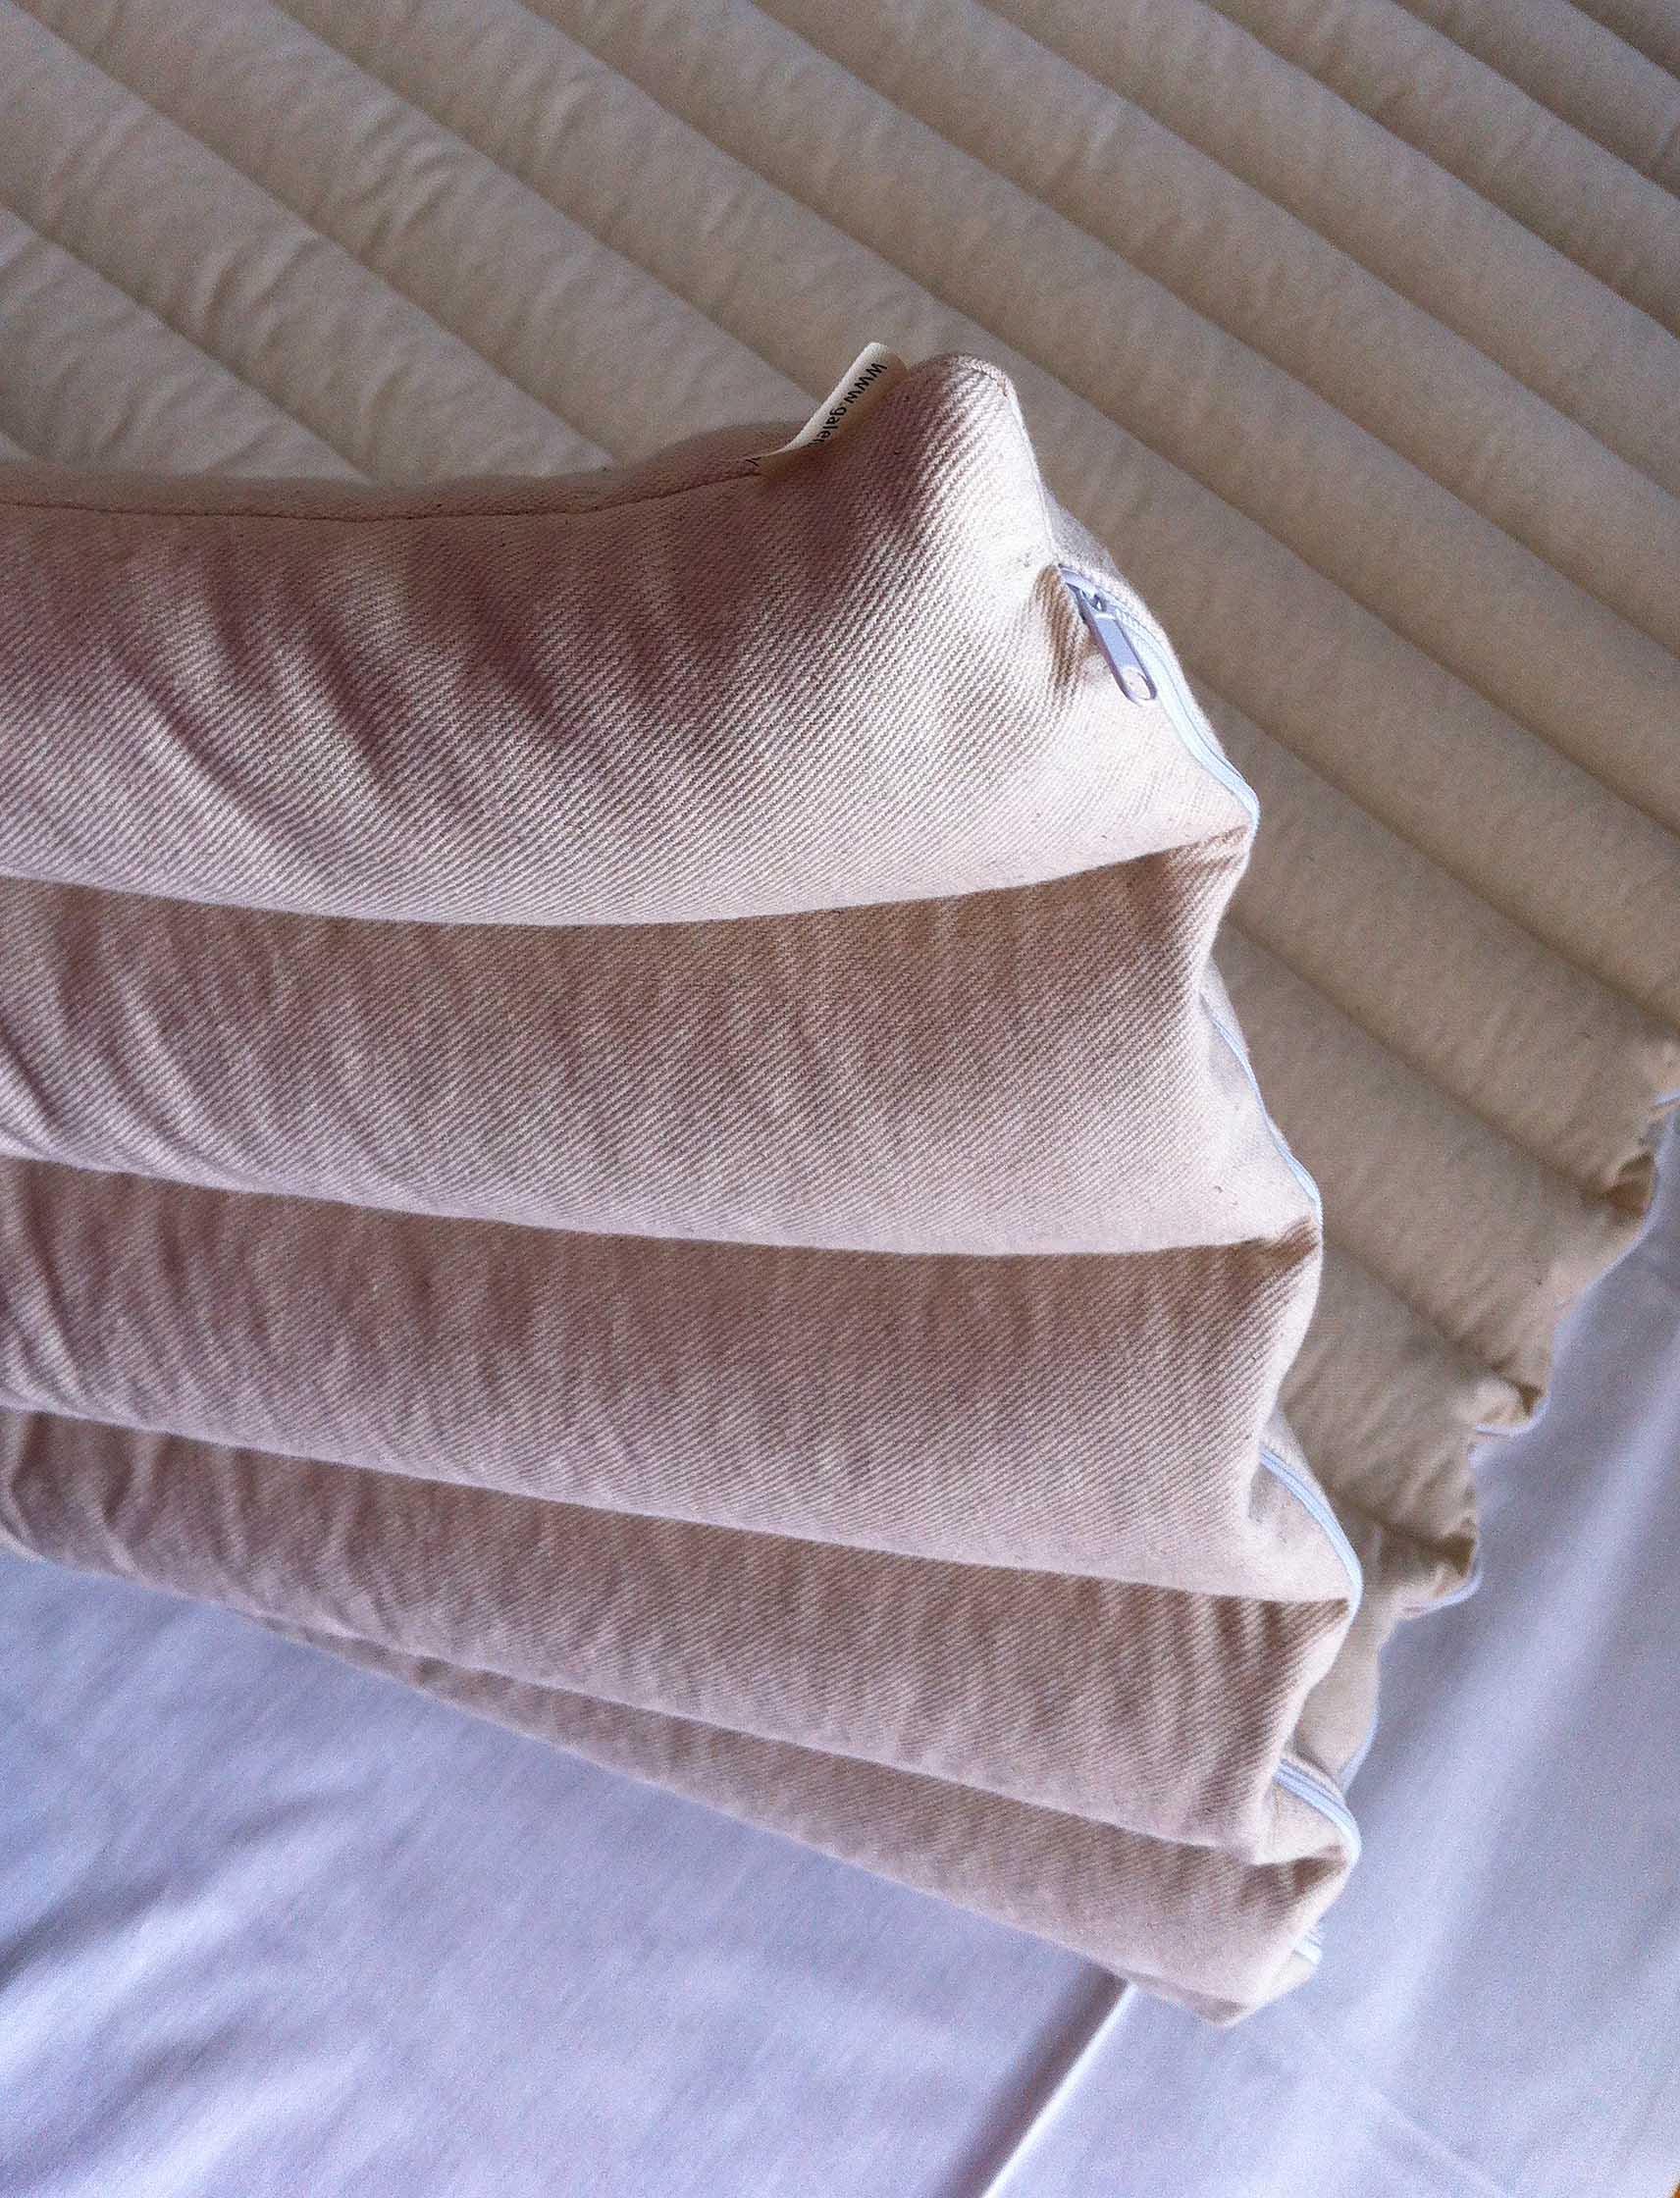 organic buckwheat hull mattress